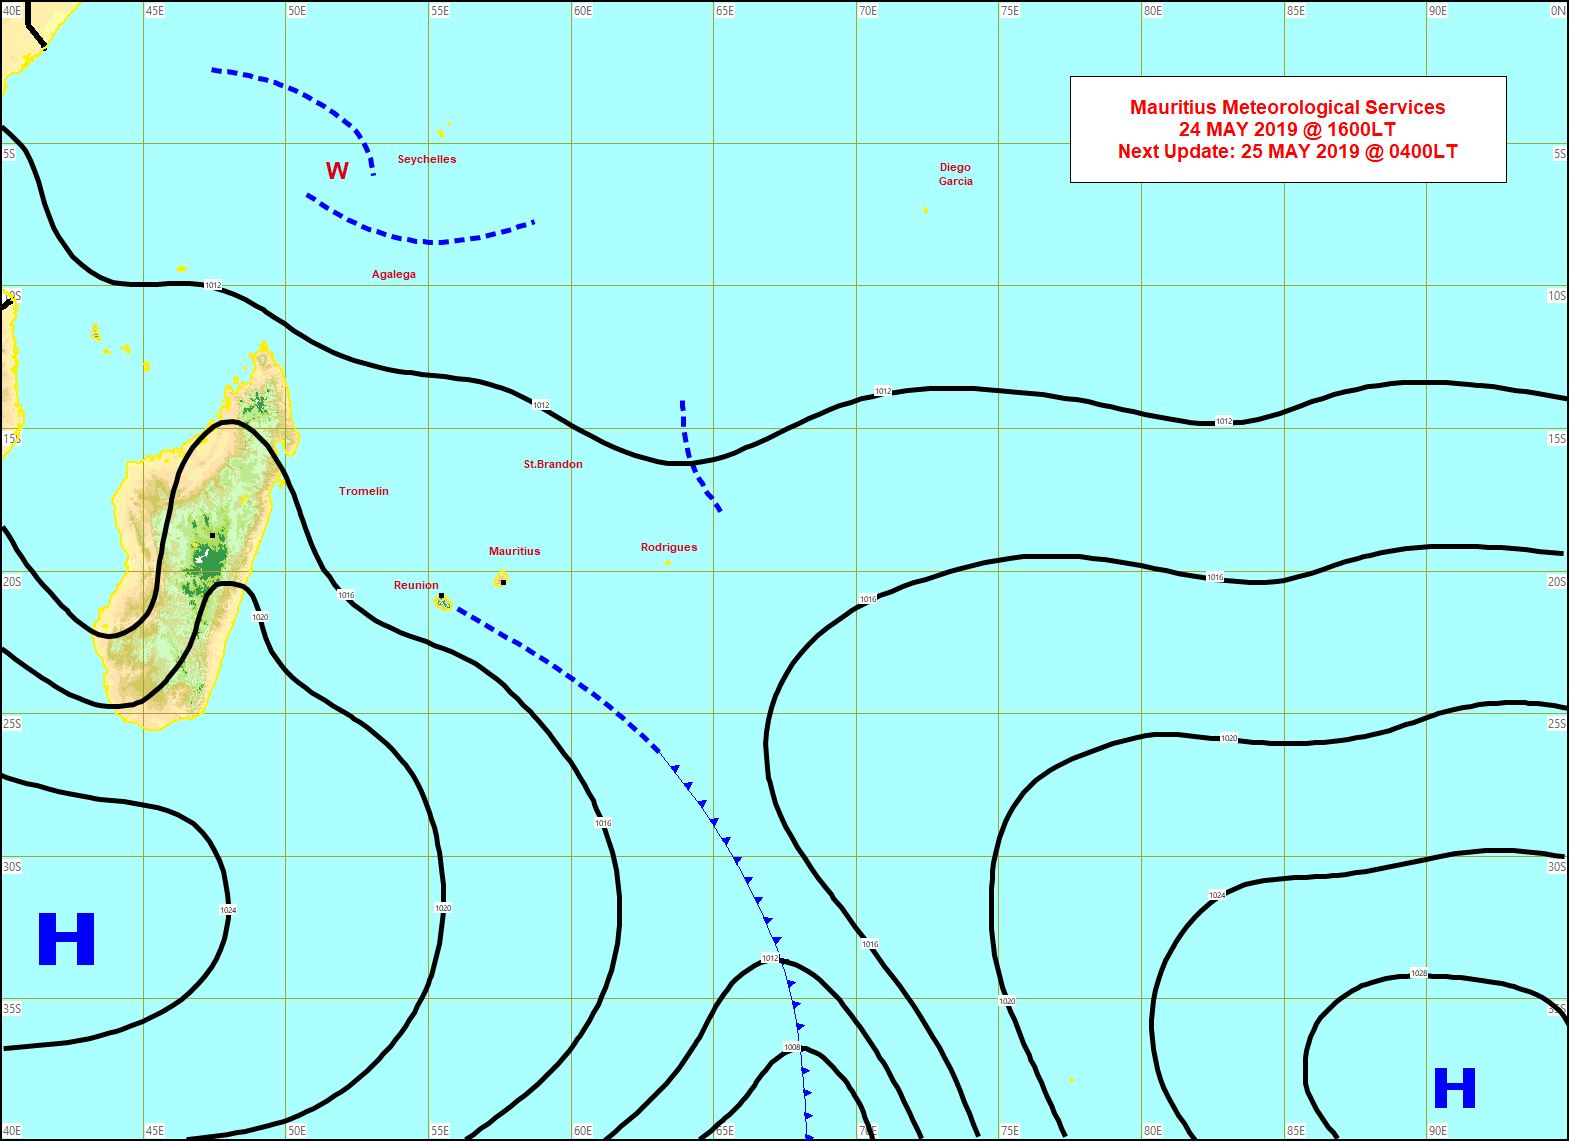 Les résidus du système frontal se trouvent au sud-est de la REUNION. L'anticyclone est au sud de MADA. Carte établie par MMS à 16h.